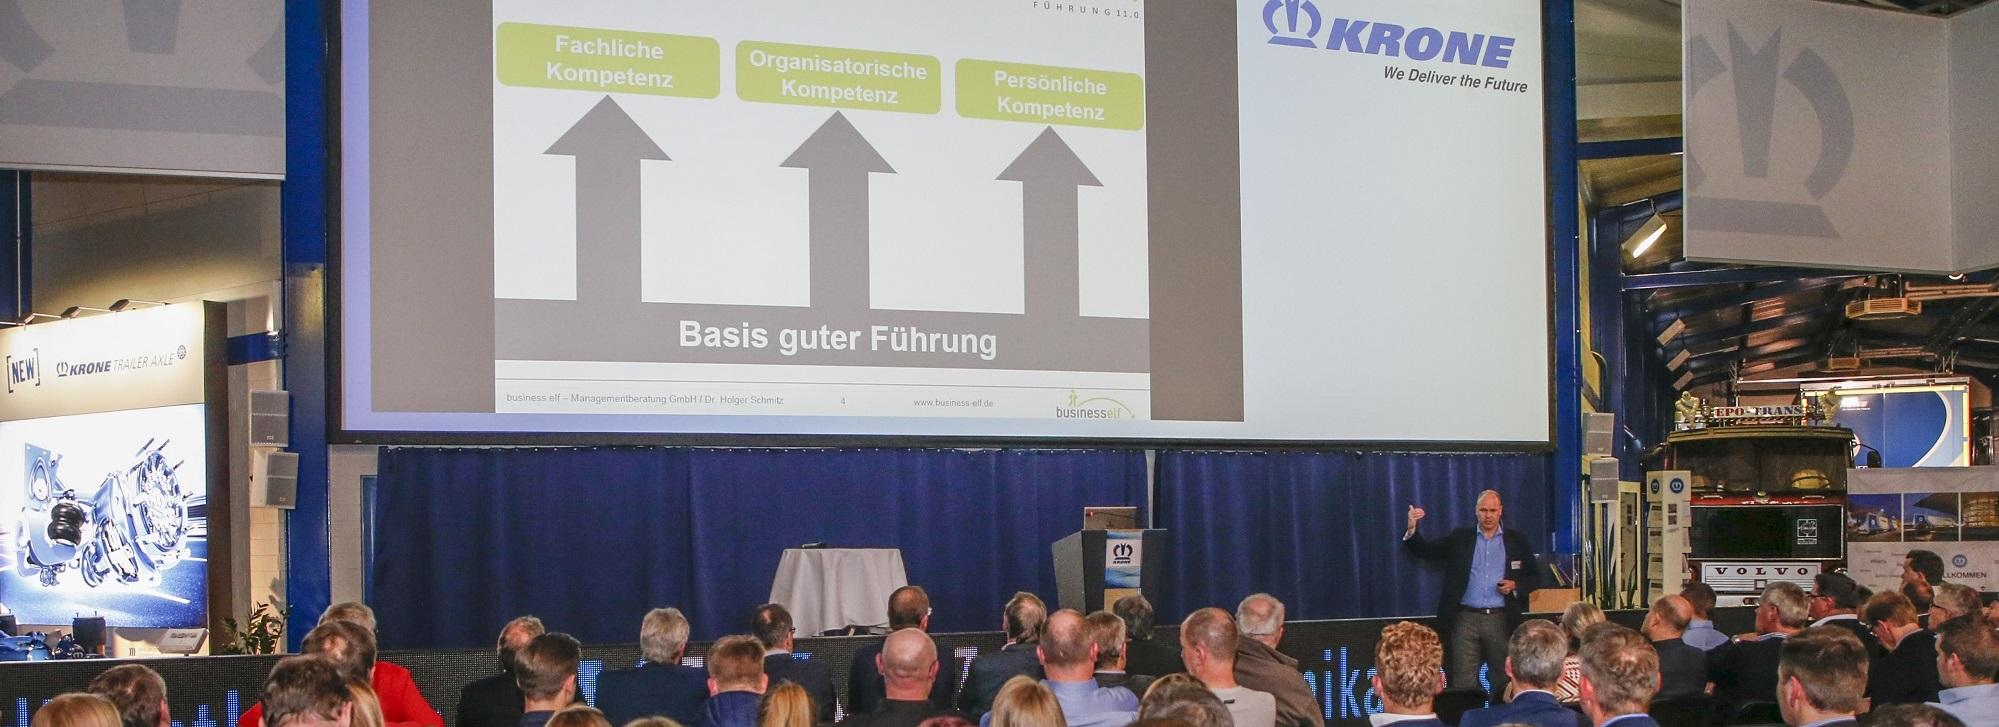 keynote Impulsvortrag LEAD it! - Gute Führung braucht Kompetenz